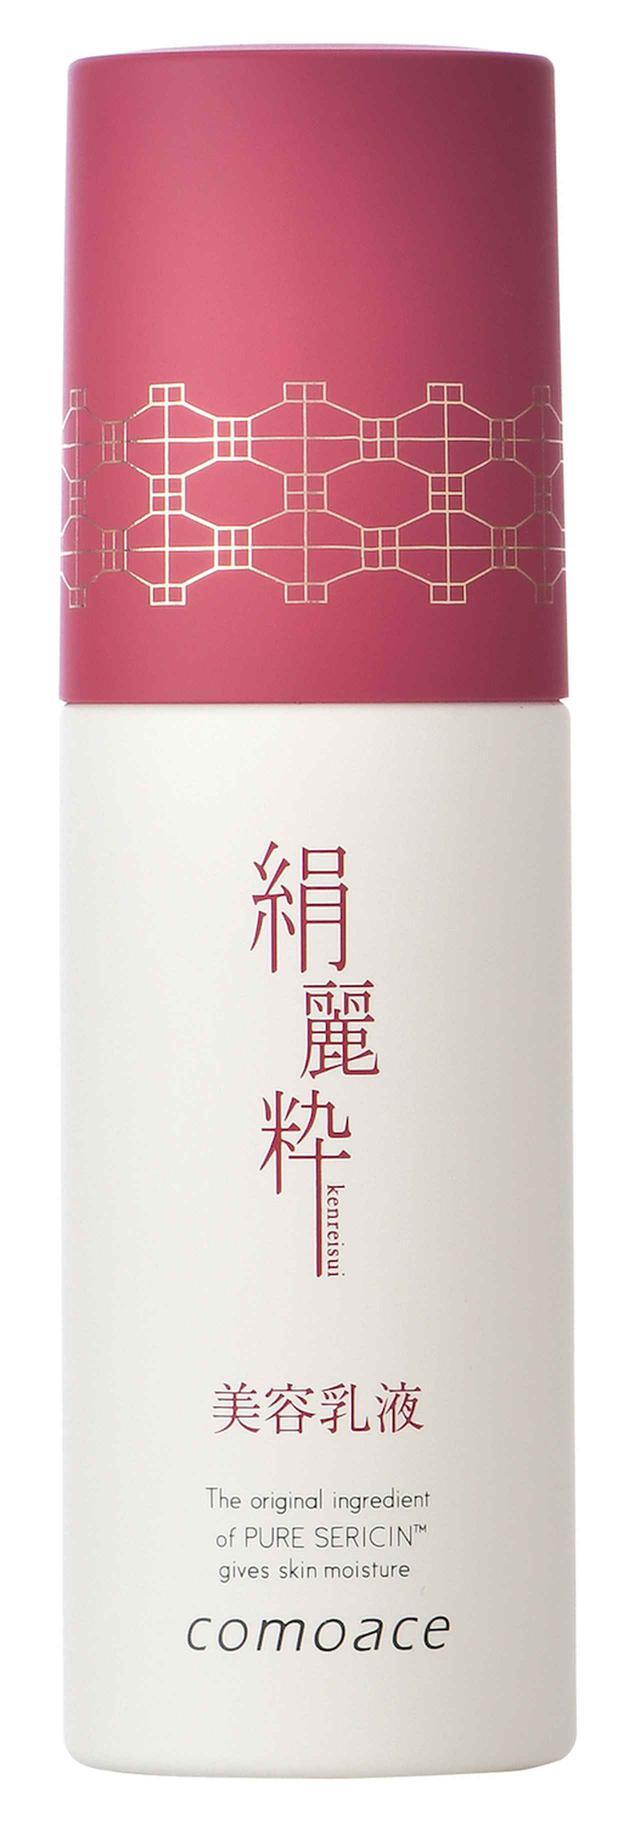 画像: コモエース 絹麗粋-マルチ-モイスト-セラム リッチ(美容乳液・6,500円税別)